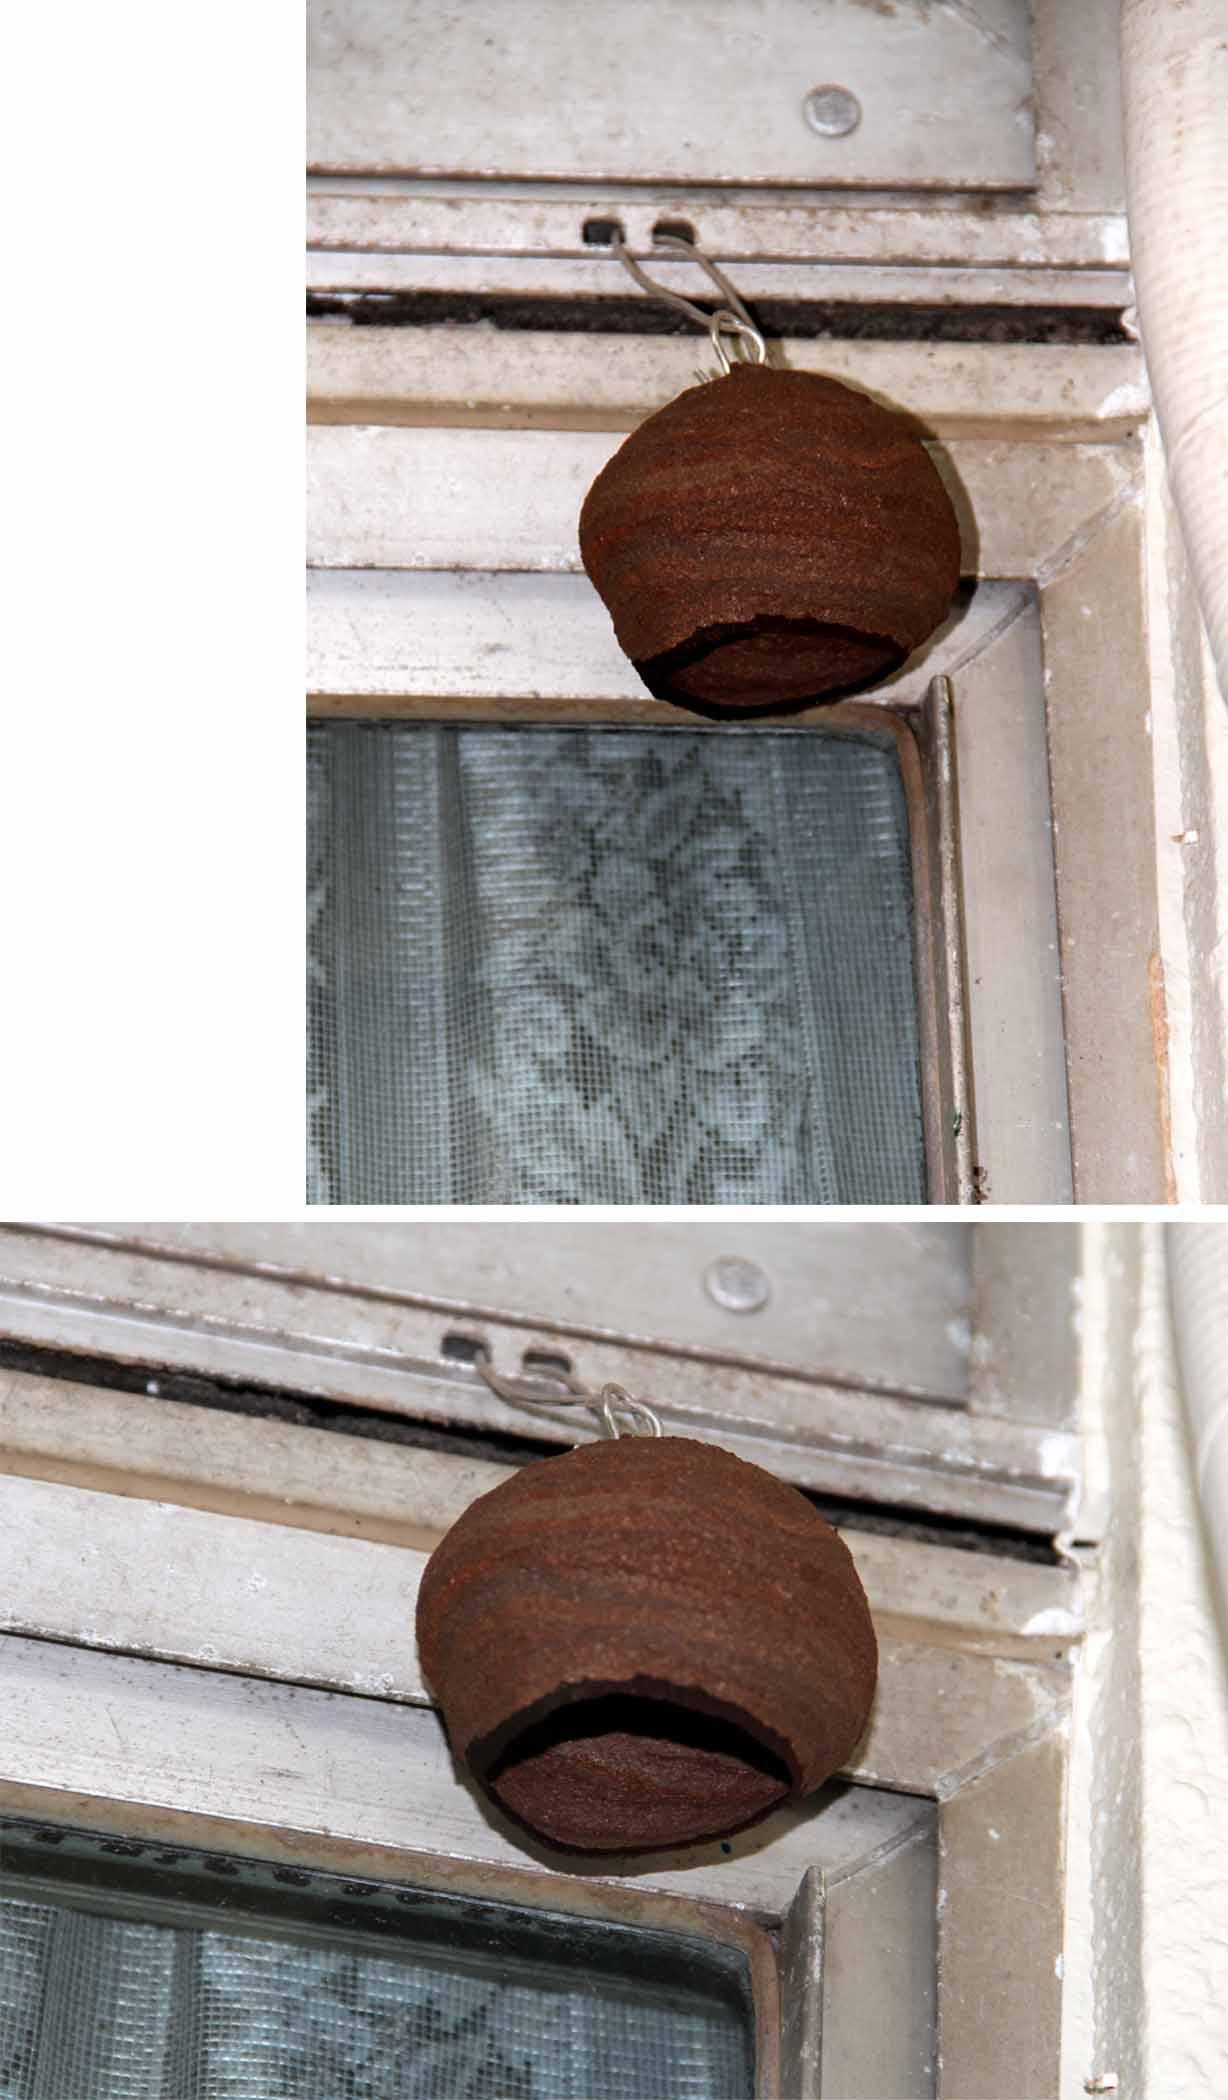 スズメバチの巣作り進行(2)